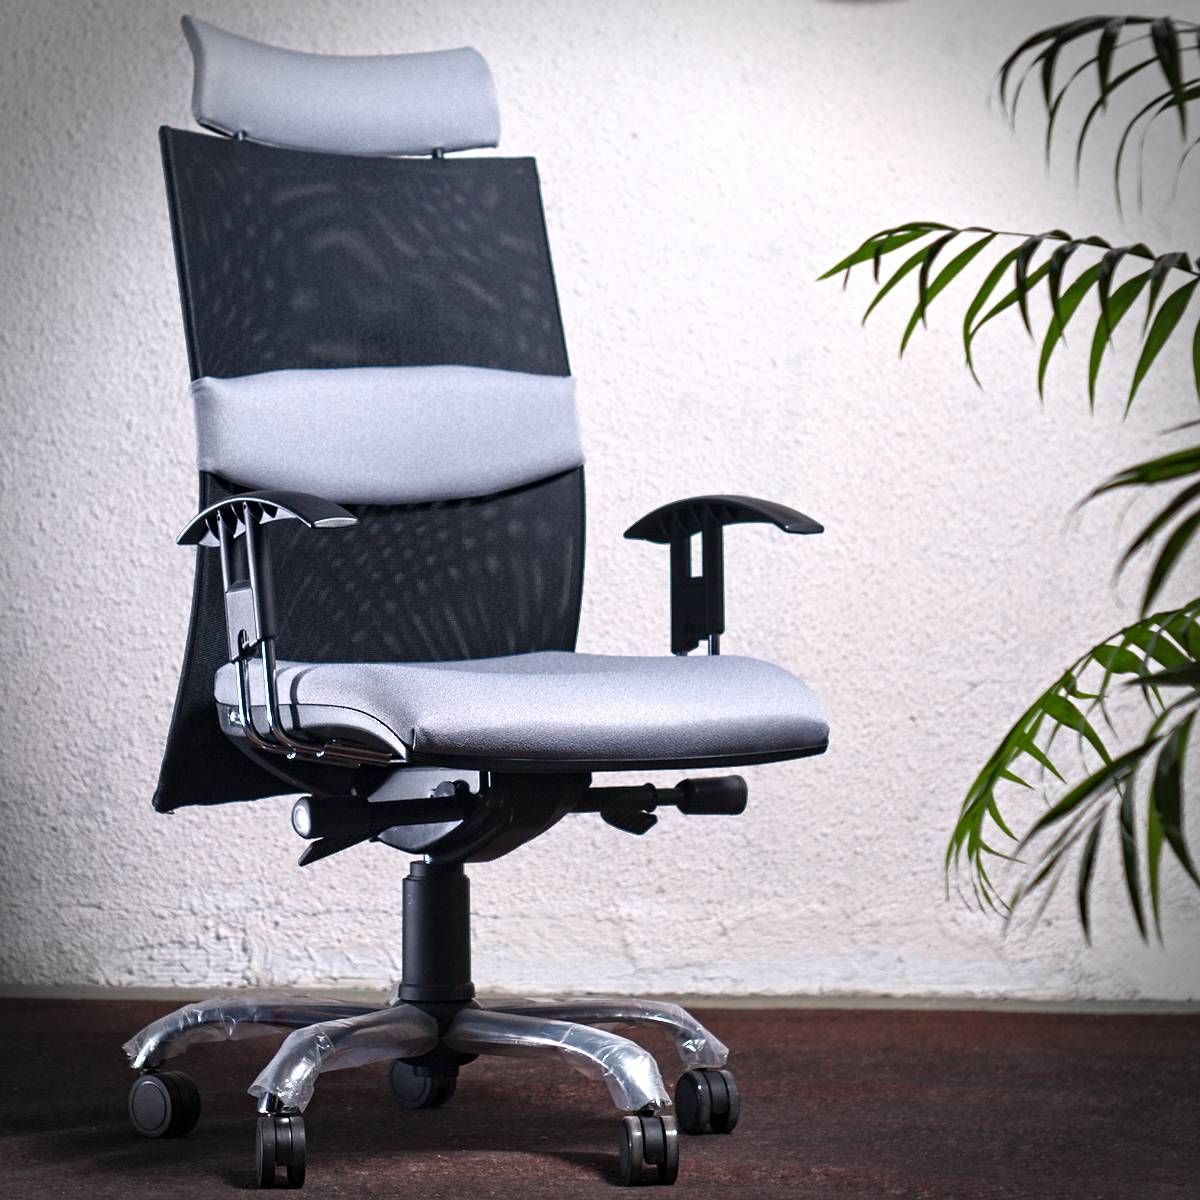 servicios muebles de oficina reparaci n outlet